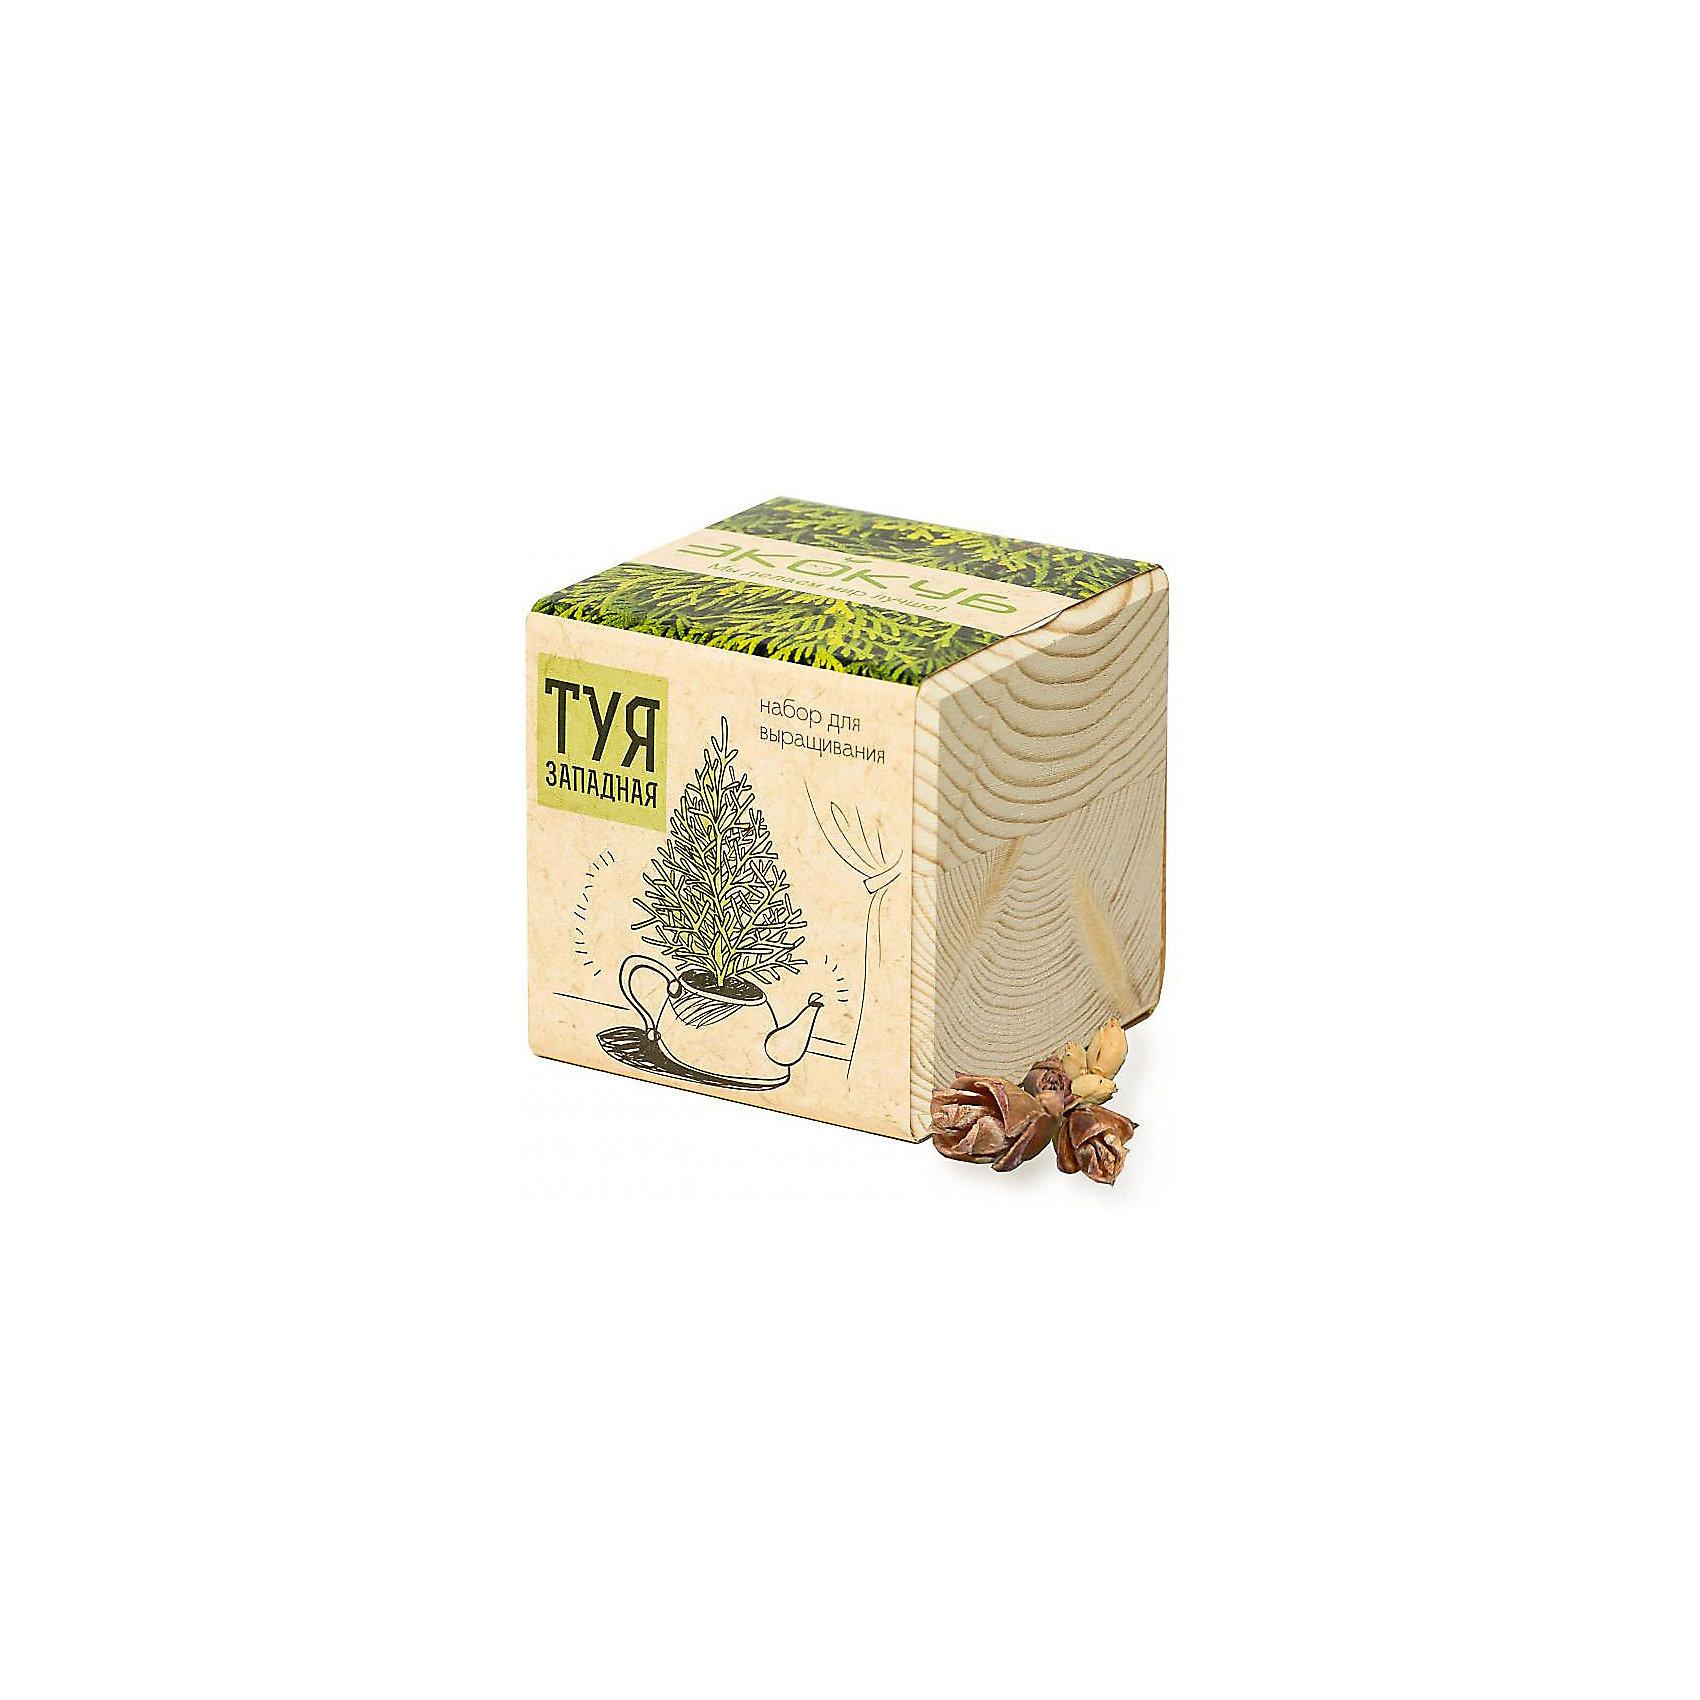 Набор для выращивания Туя, ЭкокубВыращивание растений<br>Наборы Эко Куб - удивительная вещь, которая станет необычным украшением дома или оригинальным подарком. С виду это лишь маленьникй деревянный кубик, но внутри него спрятано настоящее деревце, которое вы самостоятельно сможете прорастить из семечка и собрать урожай. Это увлекательное и полезное занятие для всей семьи, которое поможет родителям стать ближе к своим детям. Набор учит ребенка заботиться о живых существах, воспитывает чувство ответственности.<br><br>Ширина мм: 80<br>Глубина мм: 80<br>Высота мм: 80<br>Вес г: 197<br>Возраст от месяцев: 60<br>Возраст до месяцев: 2147483647<br>Пол: Унисекс<br>Возраст: Детский<br>SKU: 5596051